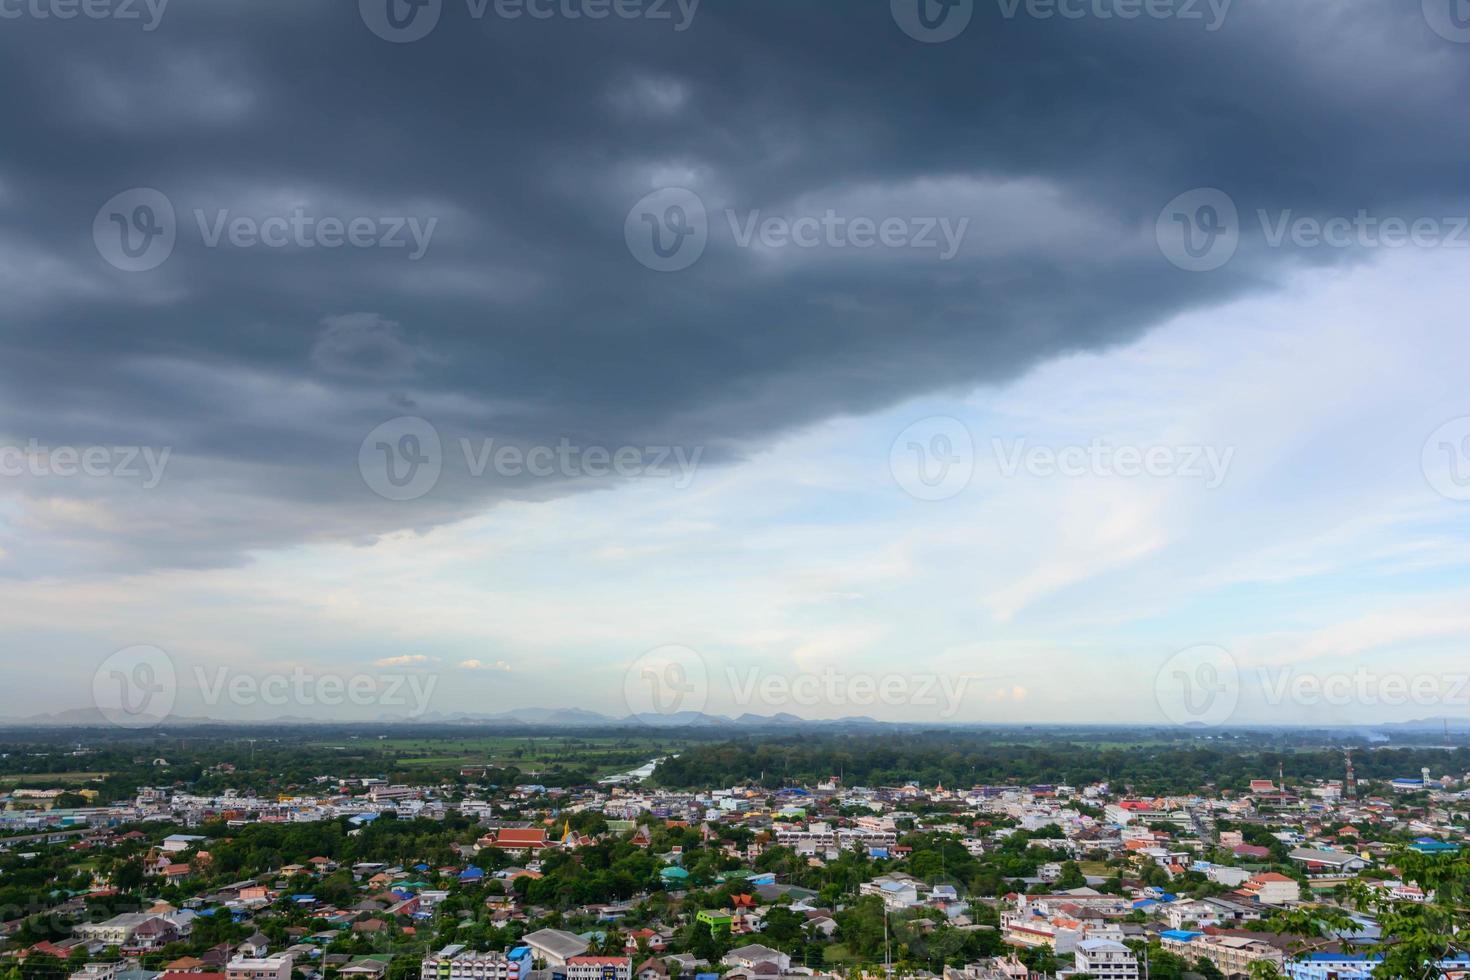 la tormenta se avecinaba sobre la ciudad. foto